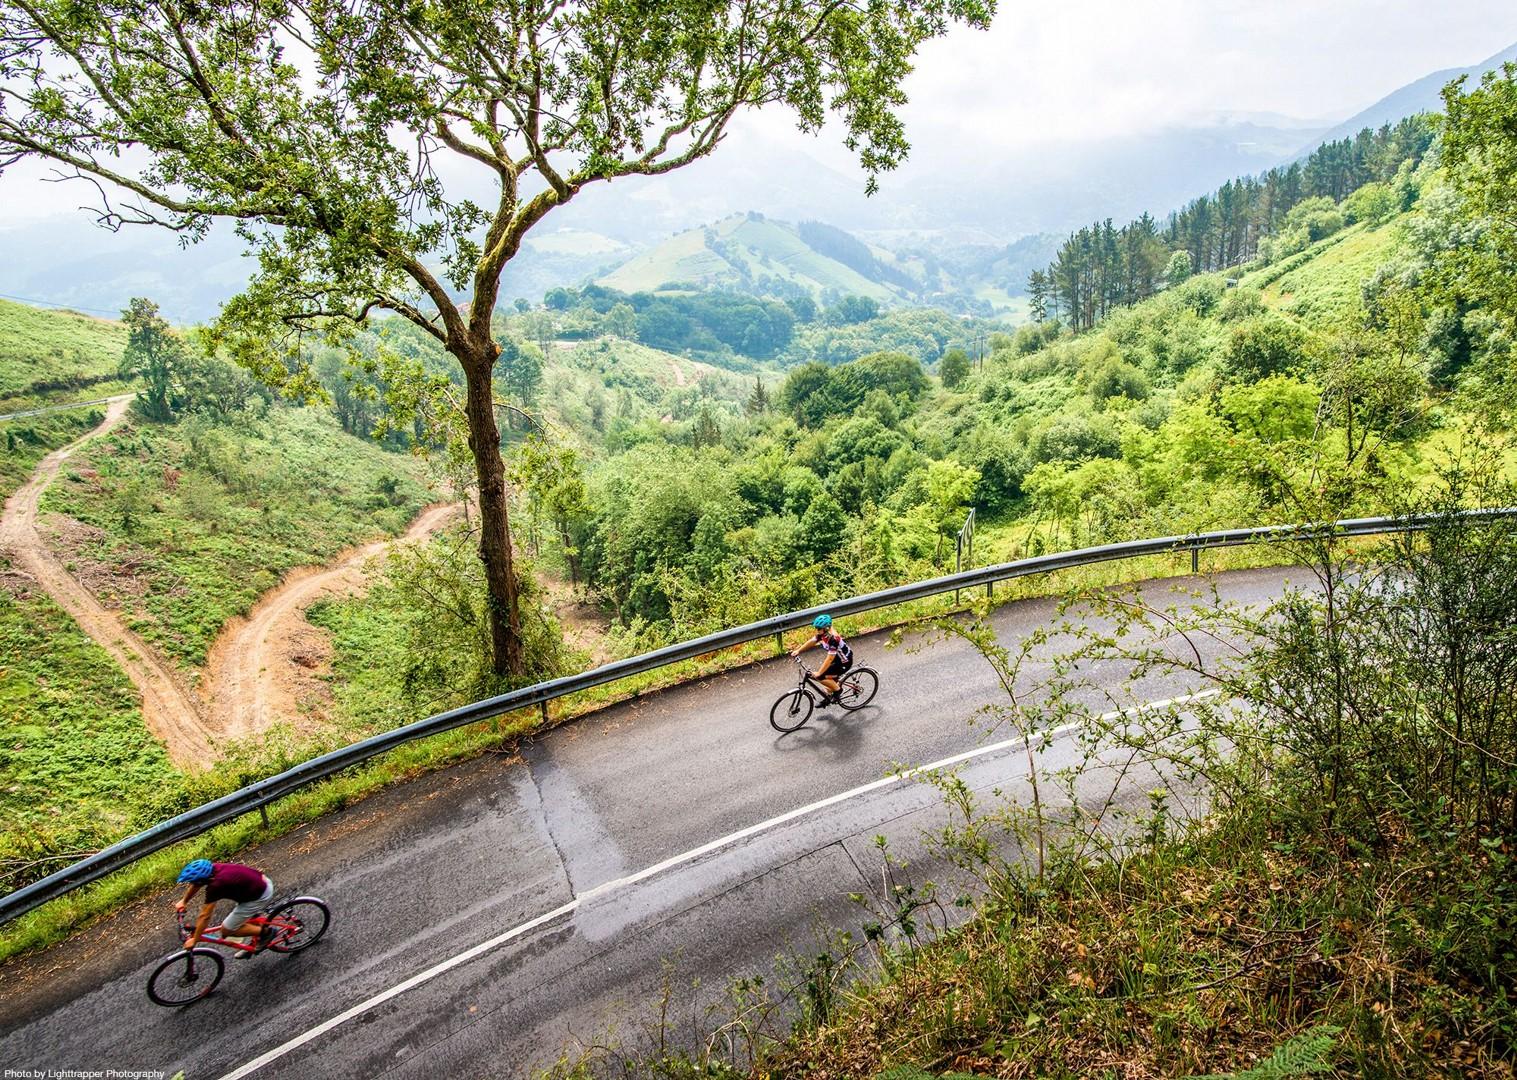 leisure-cycling-spain-bilbao-to-san-sebastian-trip.jpg - NEW! Spain - Bilbao to San Sebastian - Leisure Cycling